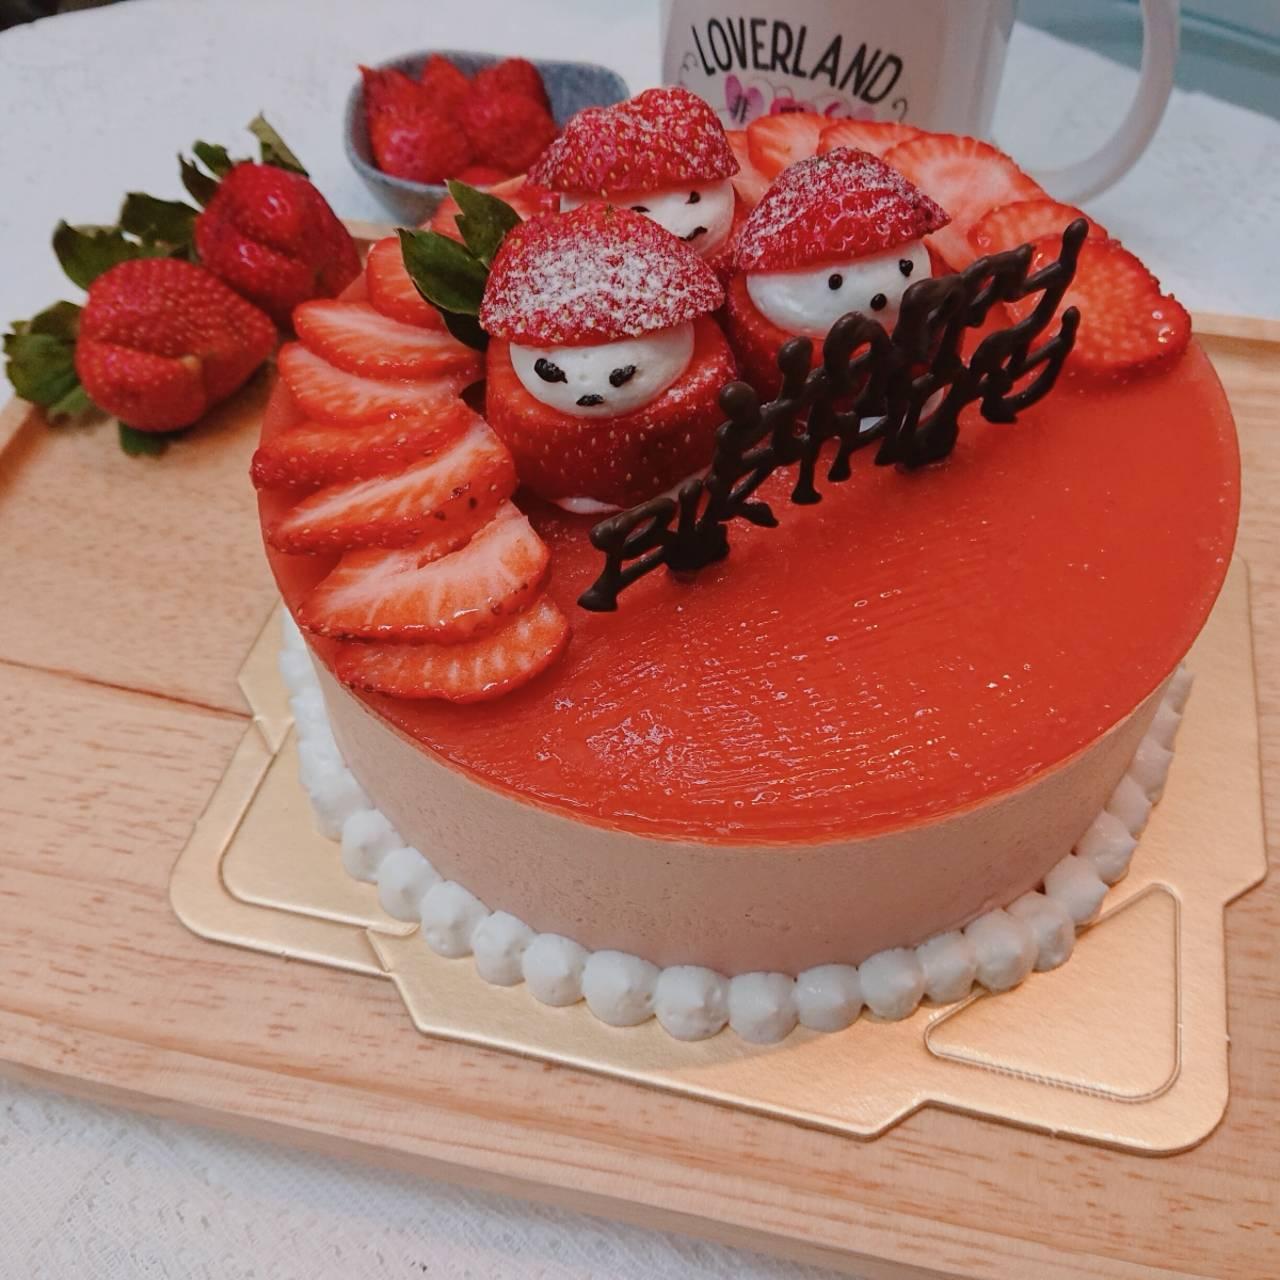 小紅人草莓慕思蛋糕 ( 6吋蛋糕)